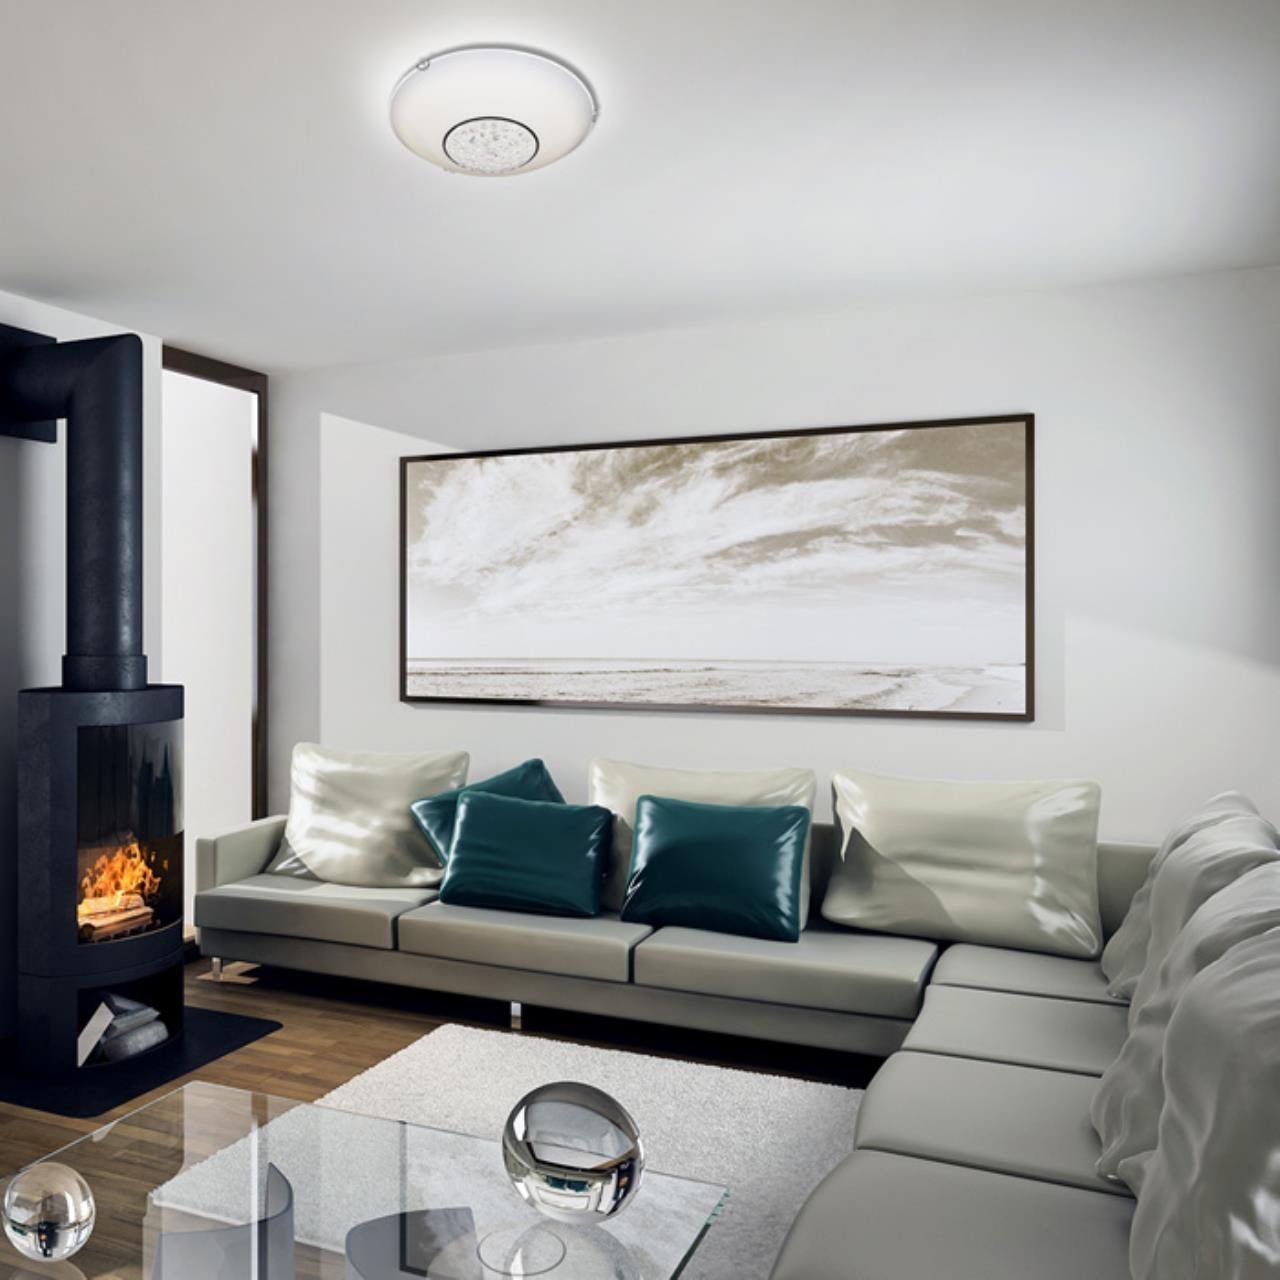 Потолочный светодиодный светильник Sonex Lakrima 228/DL, LED 48W 2360lm, хром, белый, металл, стекло - фото 2